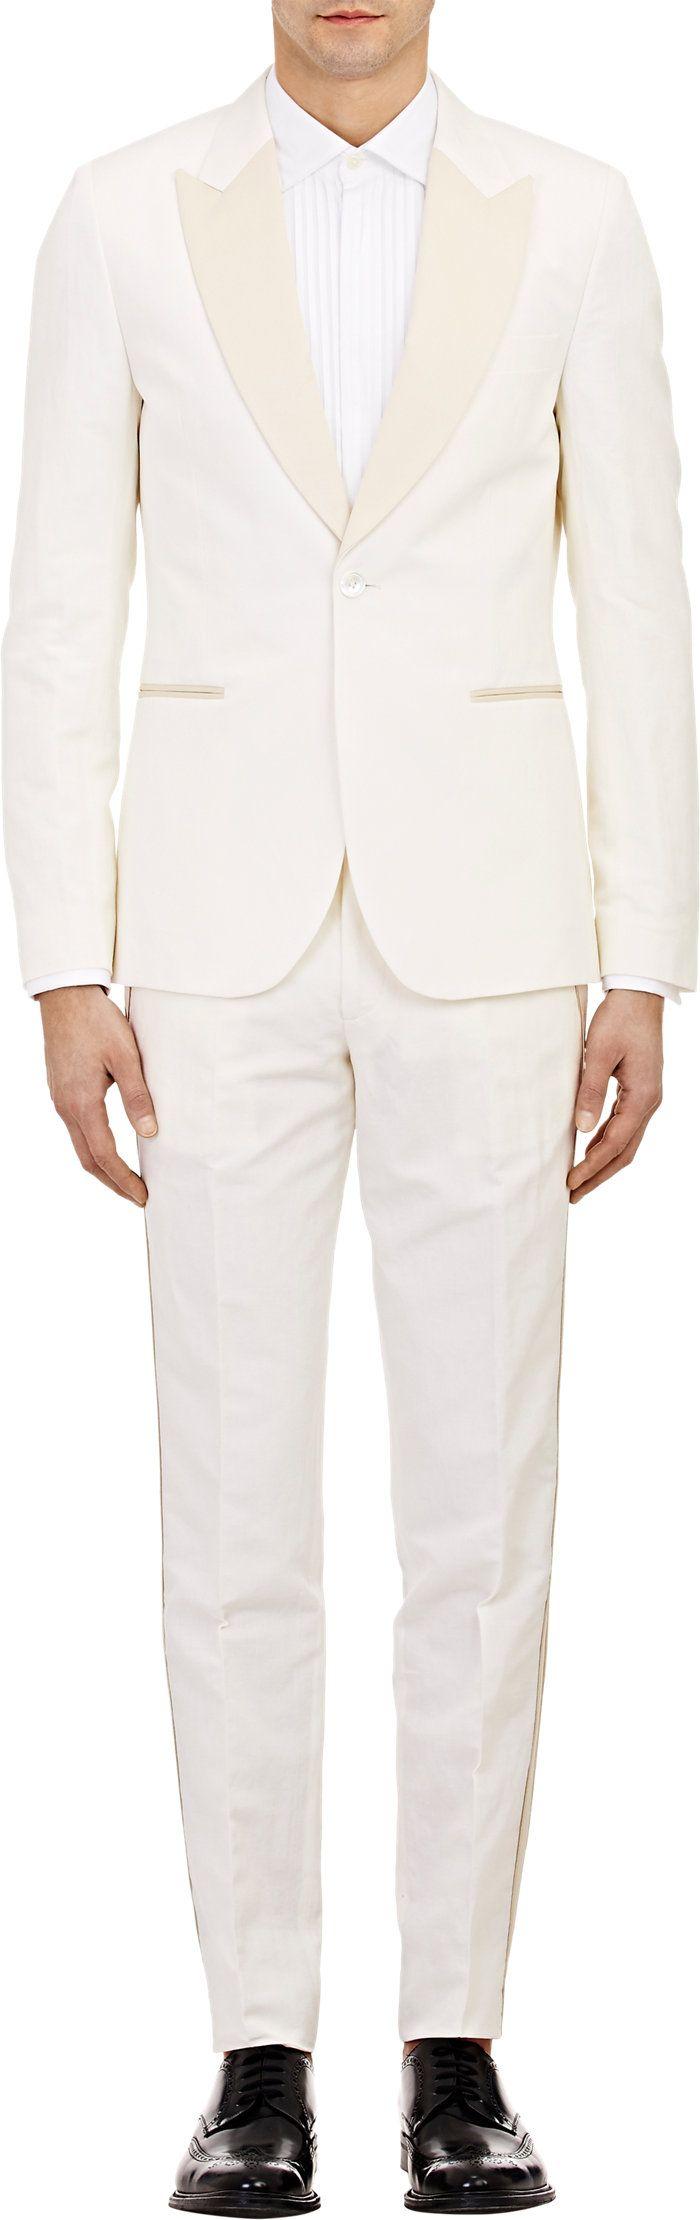 Best 25+ White tuxedo ideas on Pinterest | White tuxedo ...  Best 25+ White ...